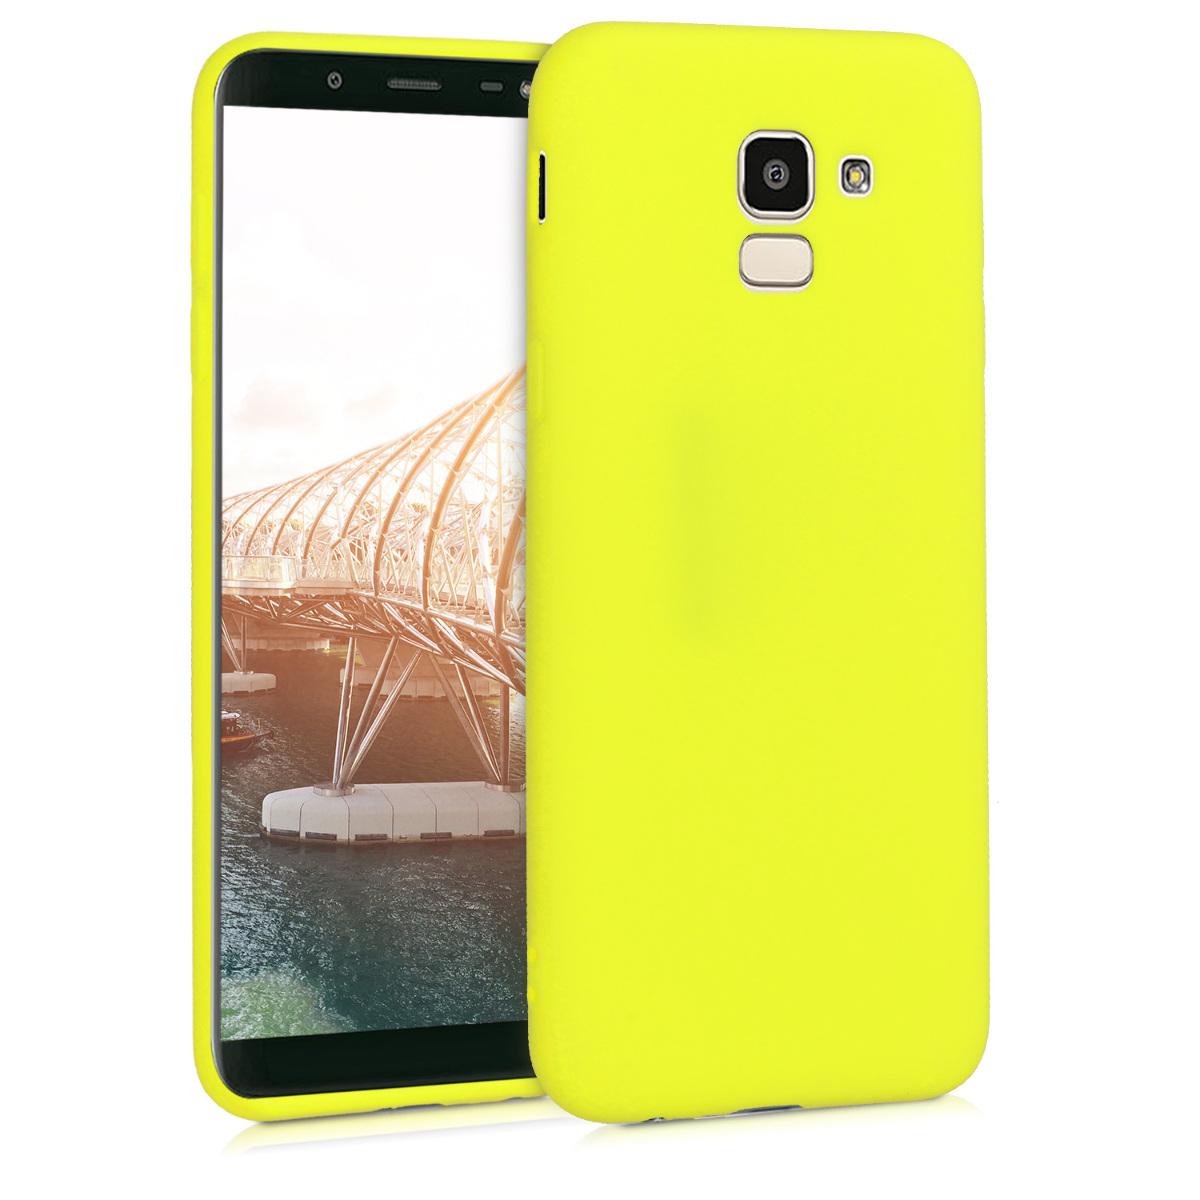 KW Θήκη Σιλικόνης Samsung Galaxy J6 - Lemon Yellow (45796.149)